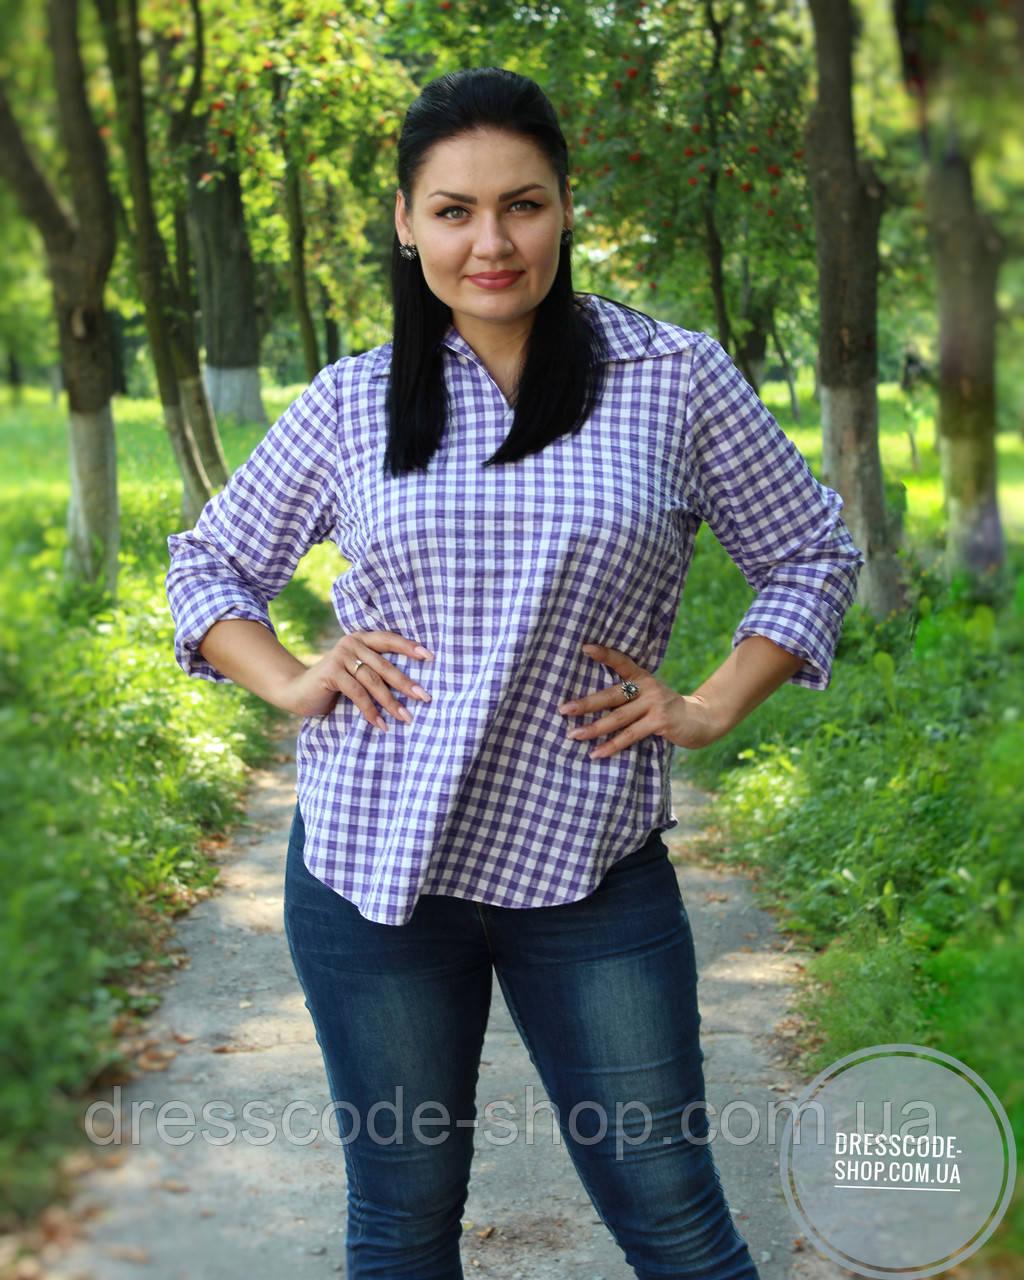 73847b817a9 Женская Рубашка в Клетку в Сиреневых Тонах — в Категории